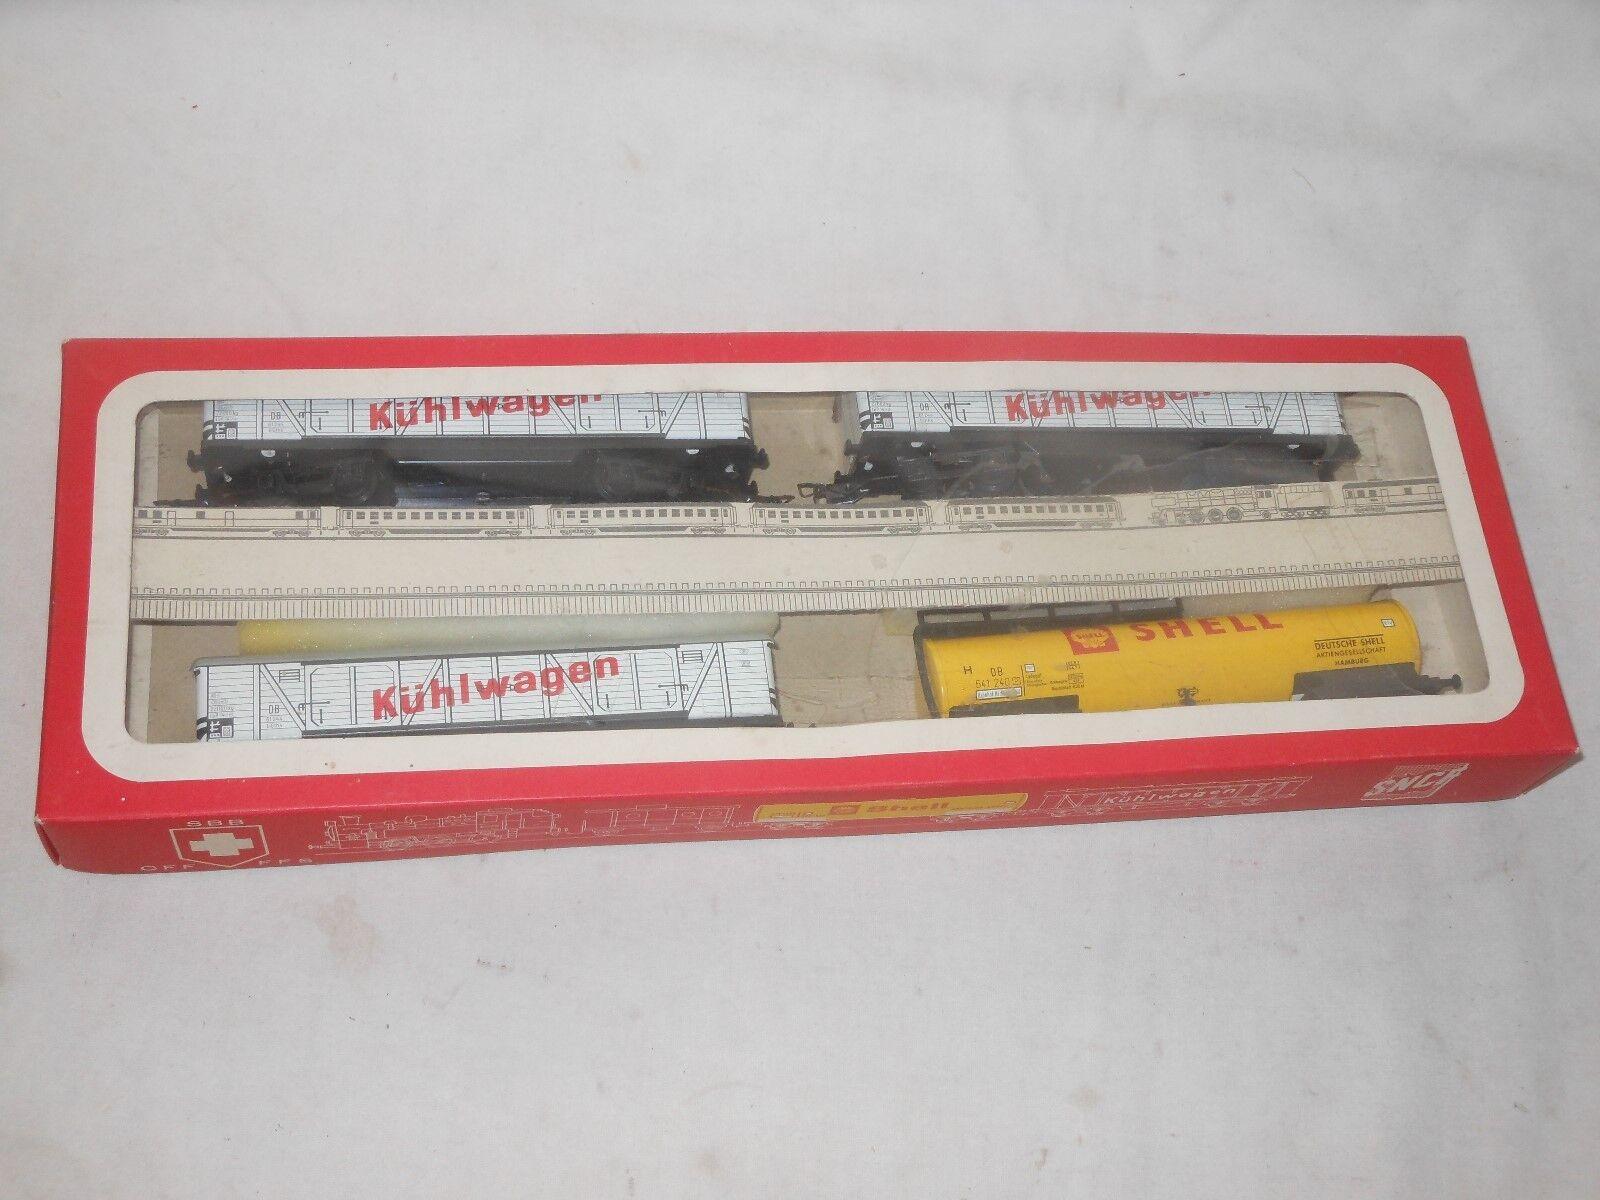 KONRAD DRESSLER - - - MODELLEISENBAHN SPUR H0 - WAGGON SET OVP - TINTOY TRAIN  | Nutzen Sie Materialien voll aus  307cb2